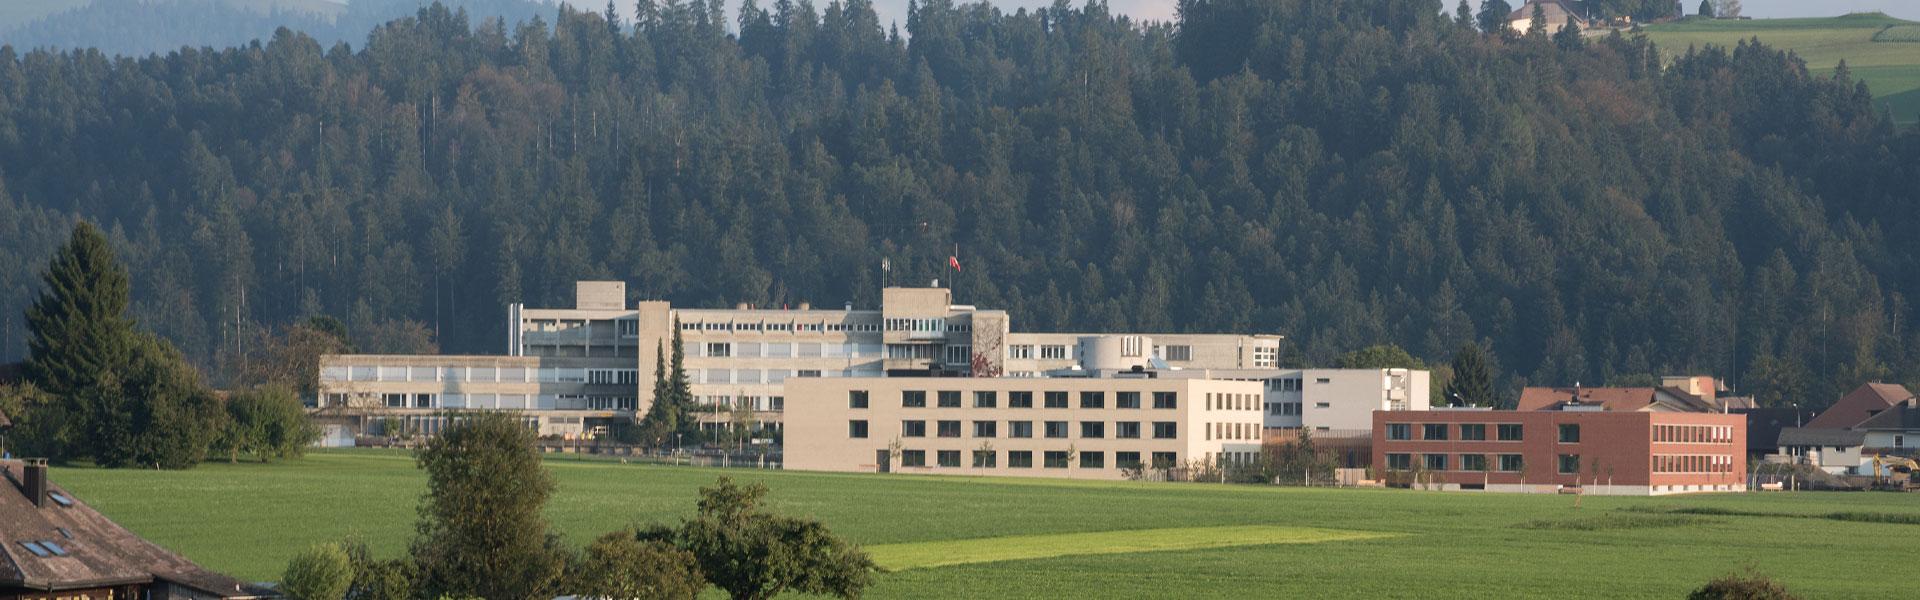 Impressum - Alterszentrum Sumiswald AG